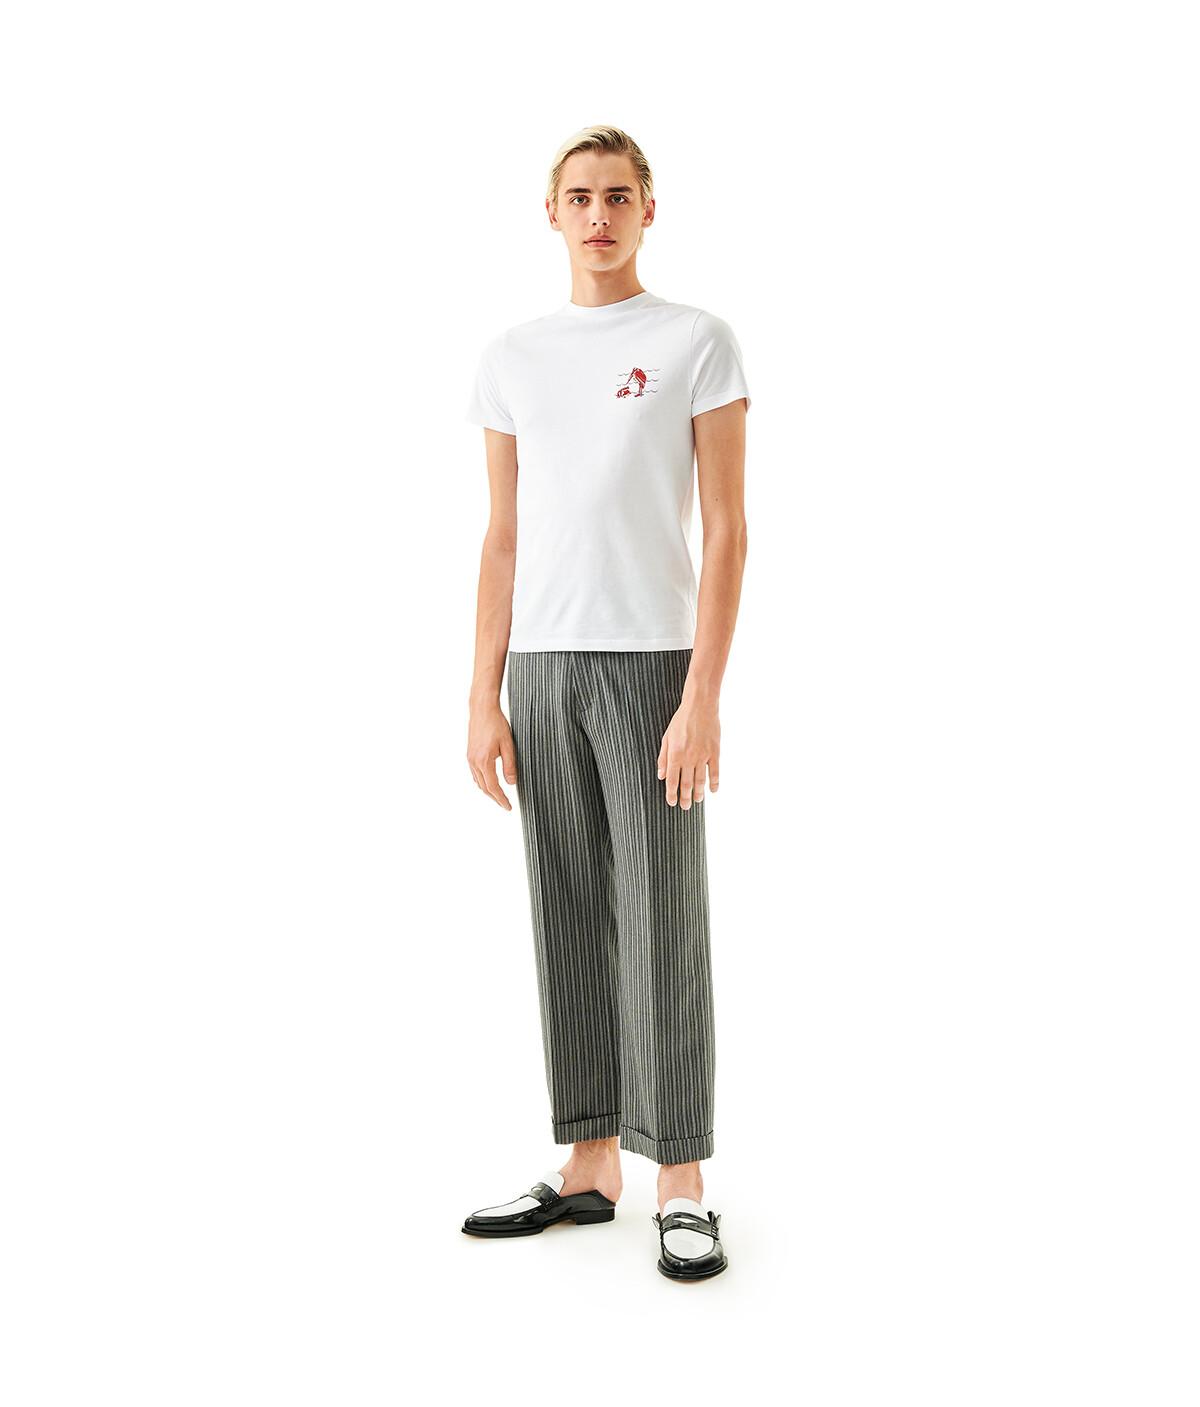 LOEWE Printed Tshirt Blanco front